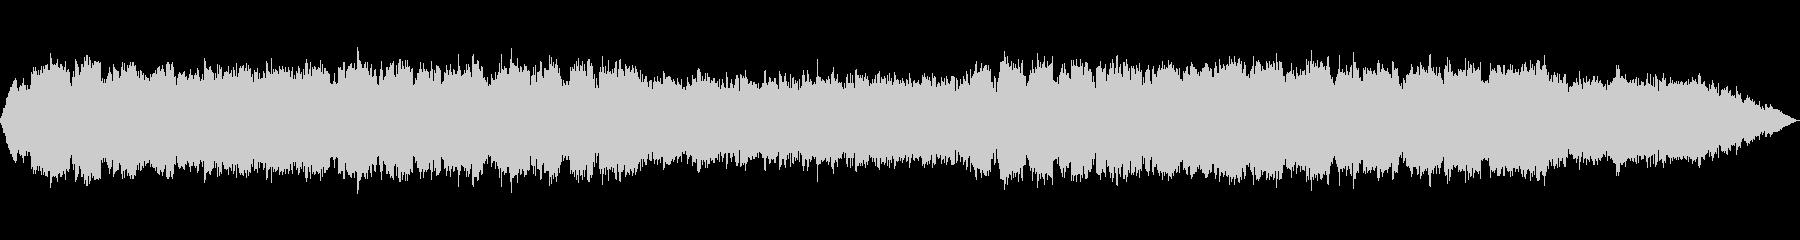 透明感のある笛のヒーリング音楽の未再生の波形